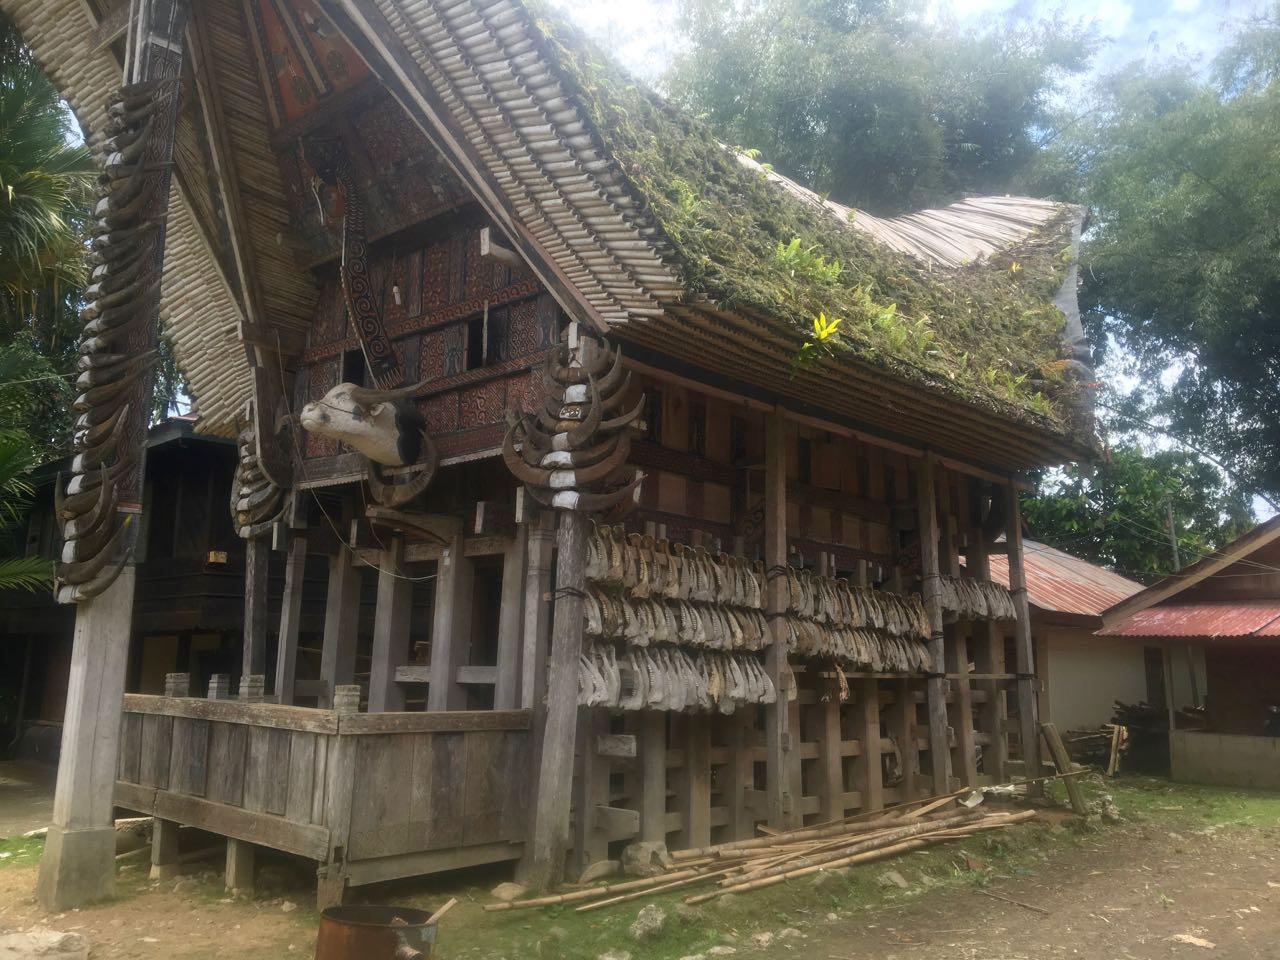 An den traditionellen Häusern werden in Tana Toraja Indonesien die Hörner der geopferten Büffel befestigt